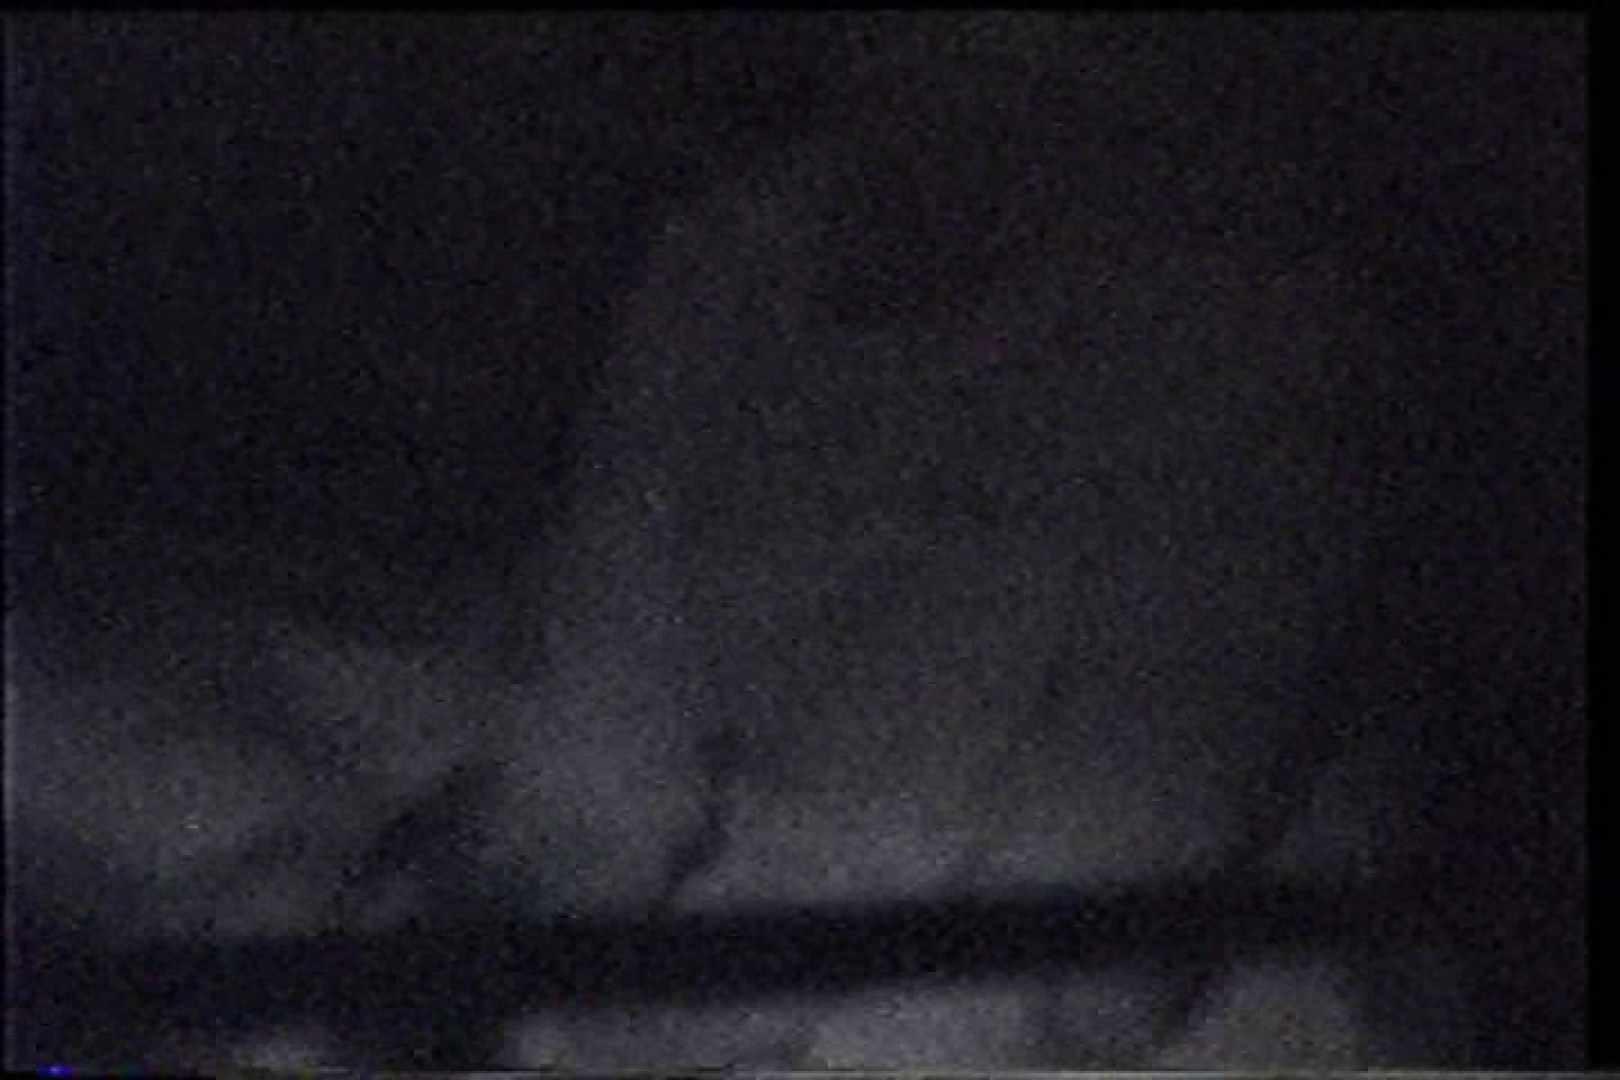 充血監督の深夜の運動会Vol.229 OLエロ画像 のぞきエロ無料画像 36PICs 32